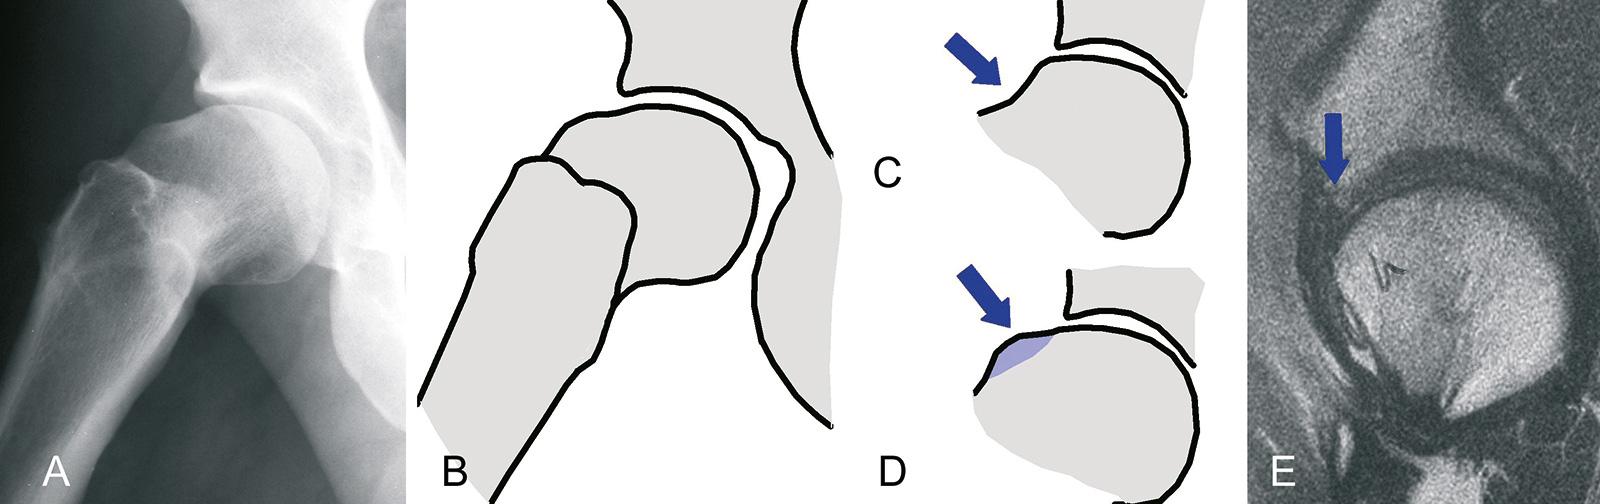 Abb. 1-6: Pistolengri -Deformität (A,B): der Verlust des O sets (D) führt zu einem Impingement mit sekundären Veränderungen des Labrums (E): bei erhaltenem O set bleibt ein Impingement aus (C)